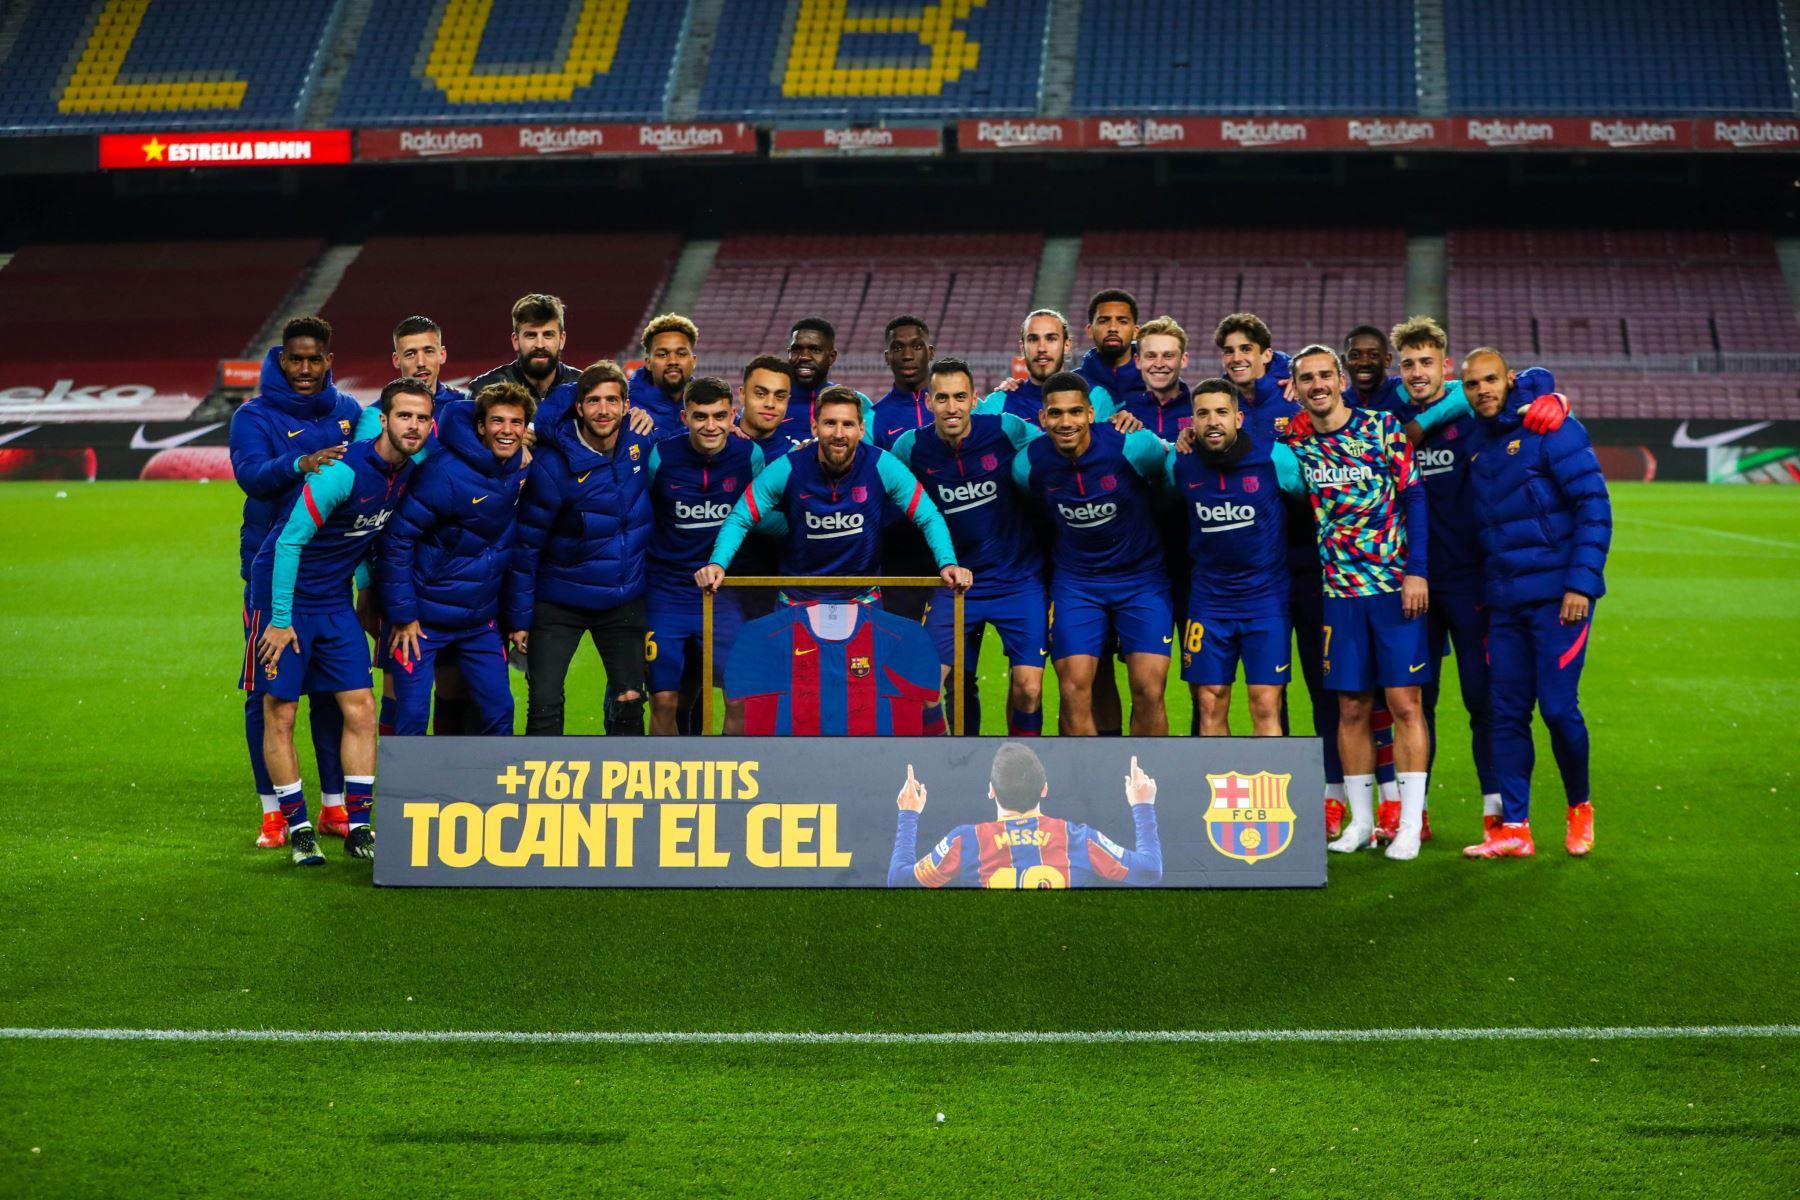 Messi recibió una camiseta conmemorativa tras cumplir este lunes su partido 769 con el equipo azulgrana. Foto: Barcelona FC